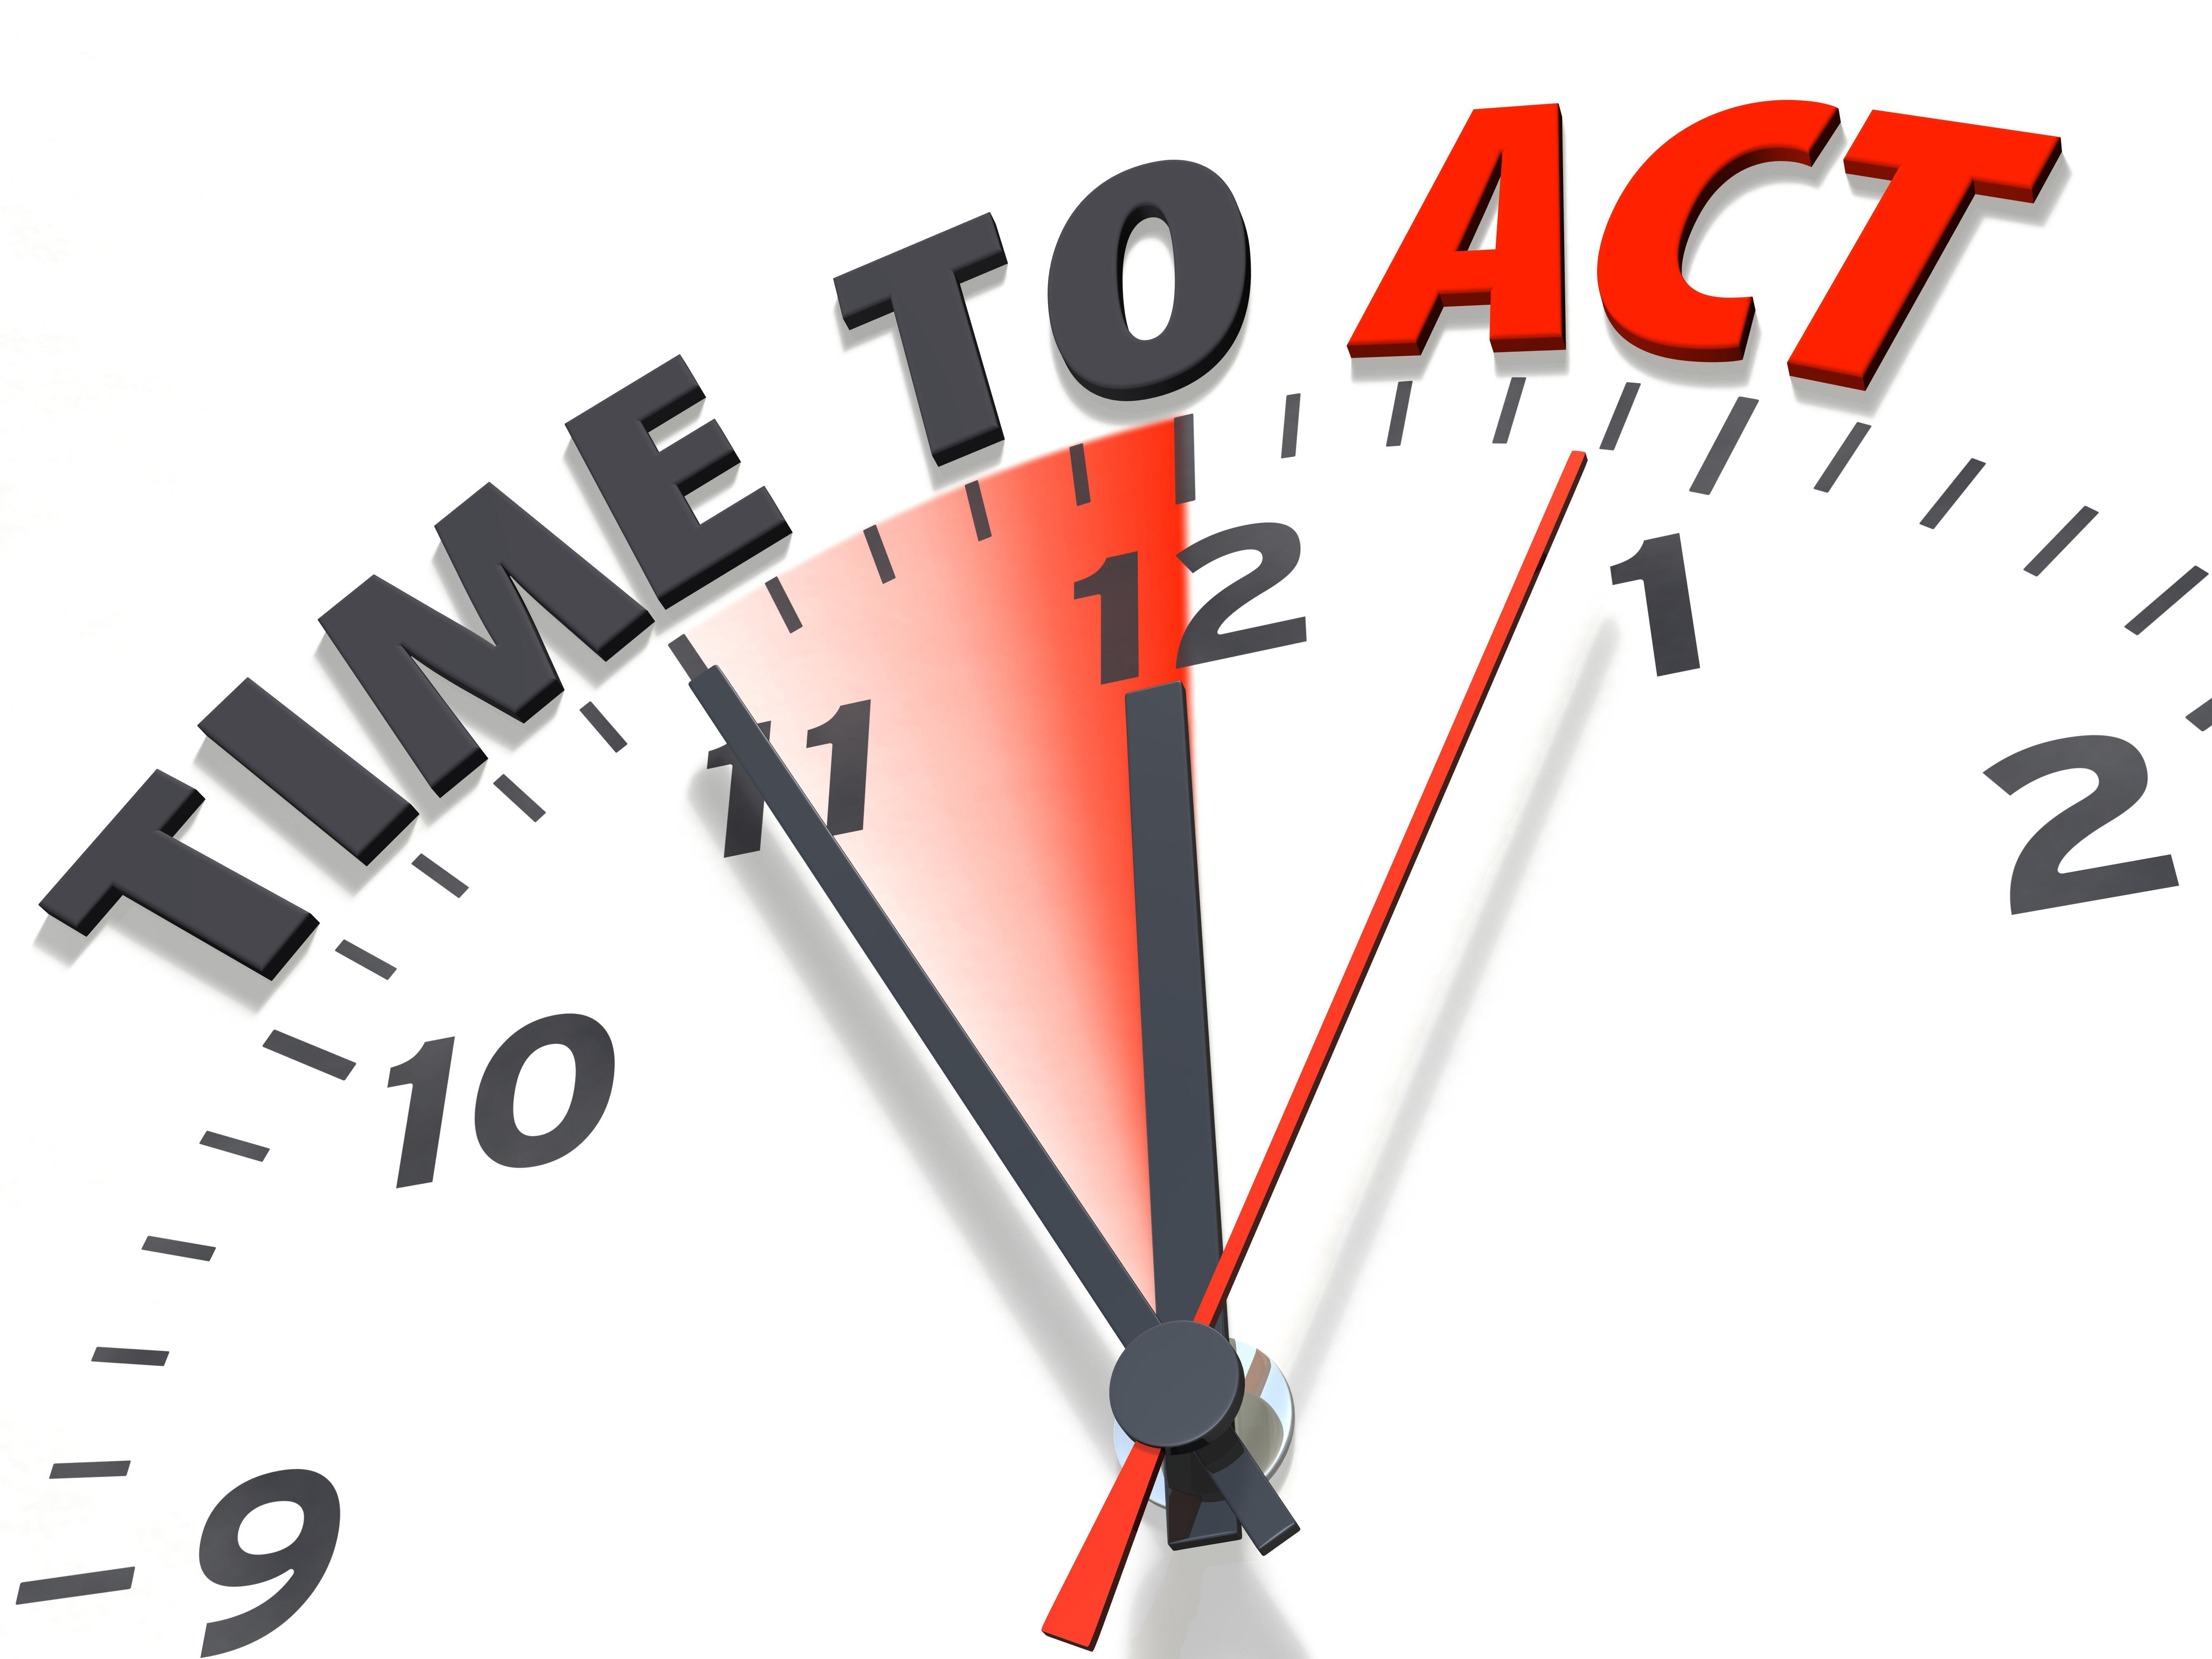 ¿Cuánto Tiempo Tiene Usted para Presentar una Reclamación por Daños Causados por un Huracán en Florida?